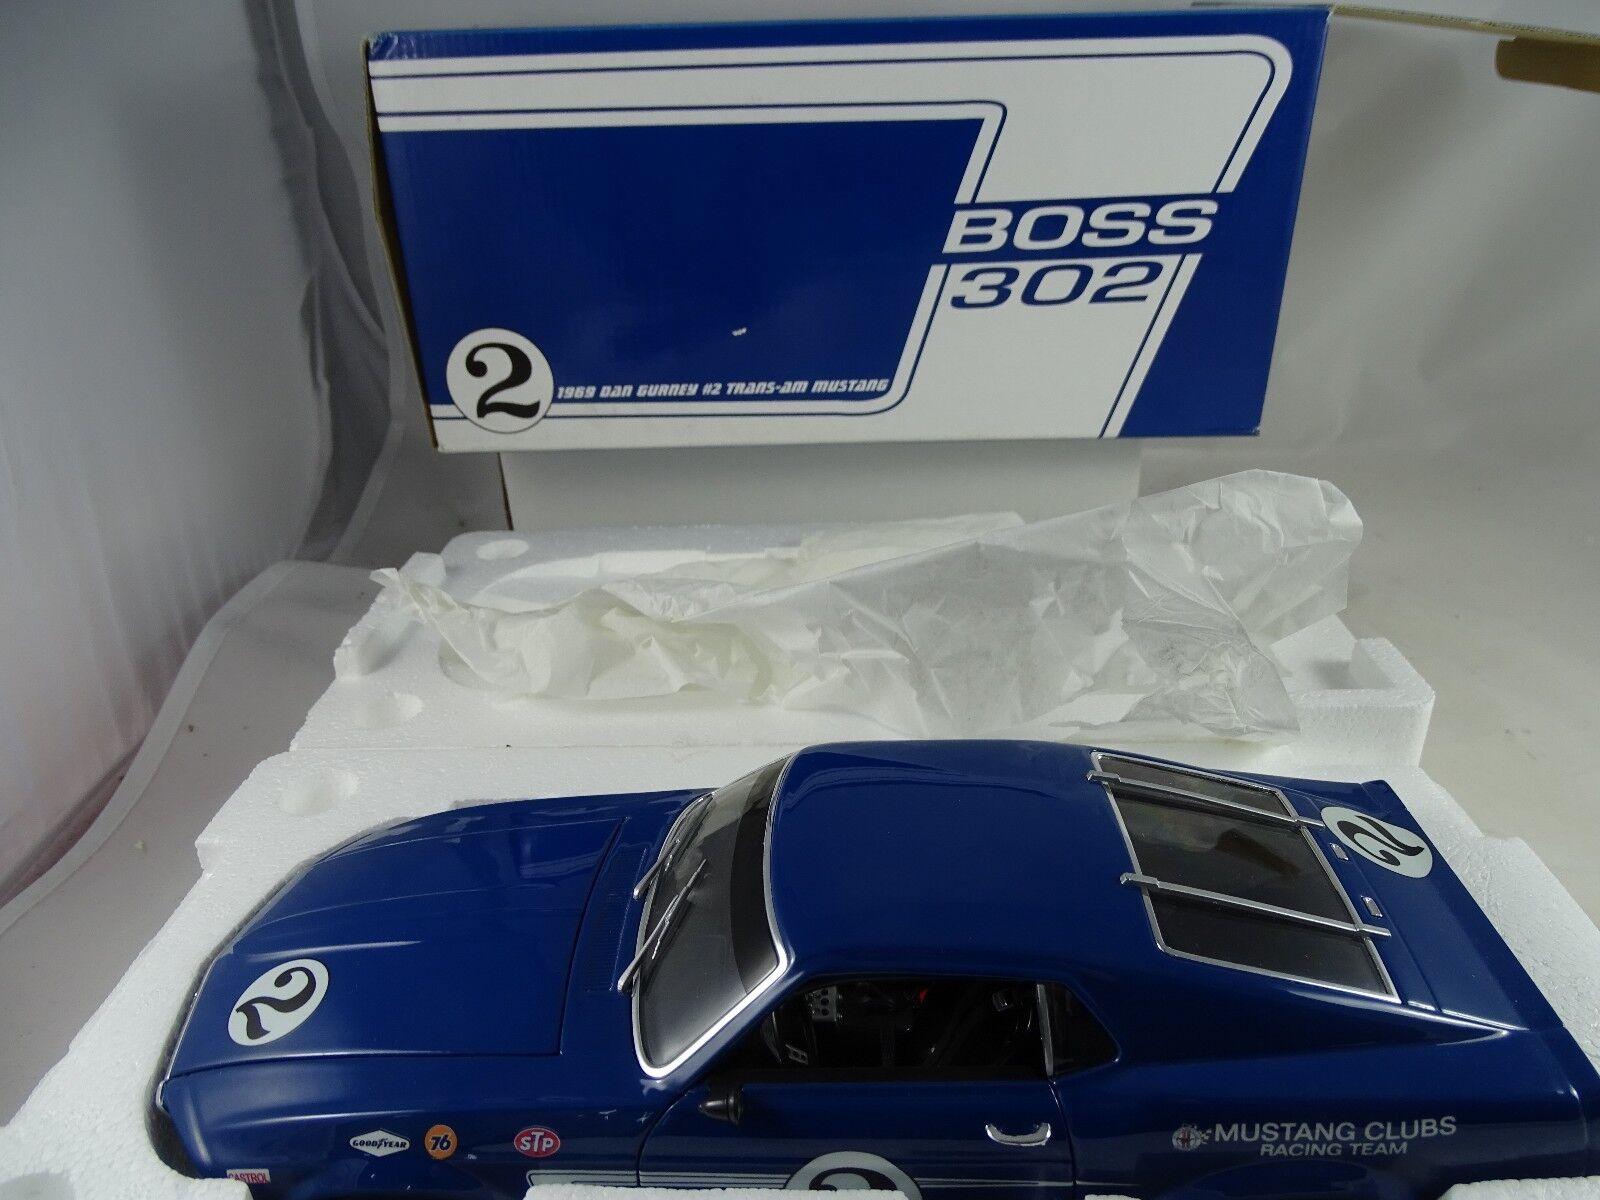 1 18 gmpwelly 1969 BOSS 302 Trans Am Mustang  2 Dan Gurney Grabber bleu RARE